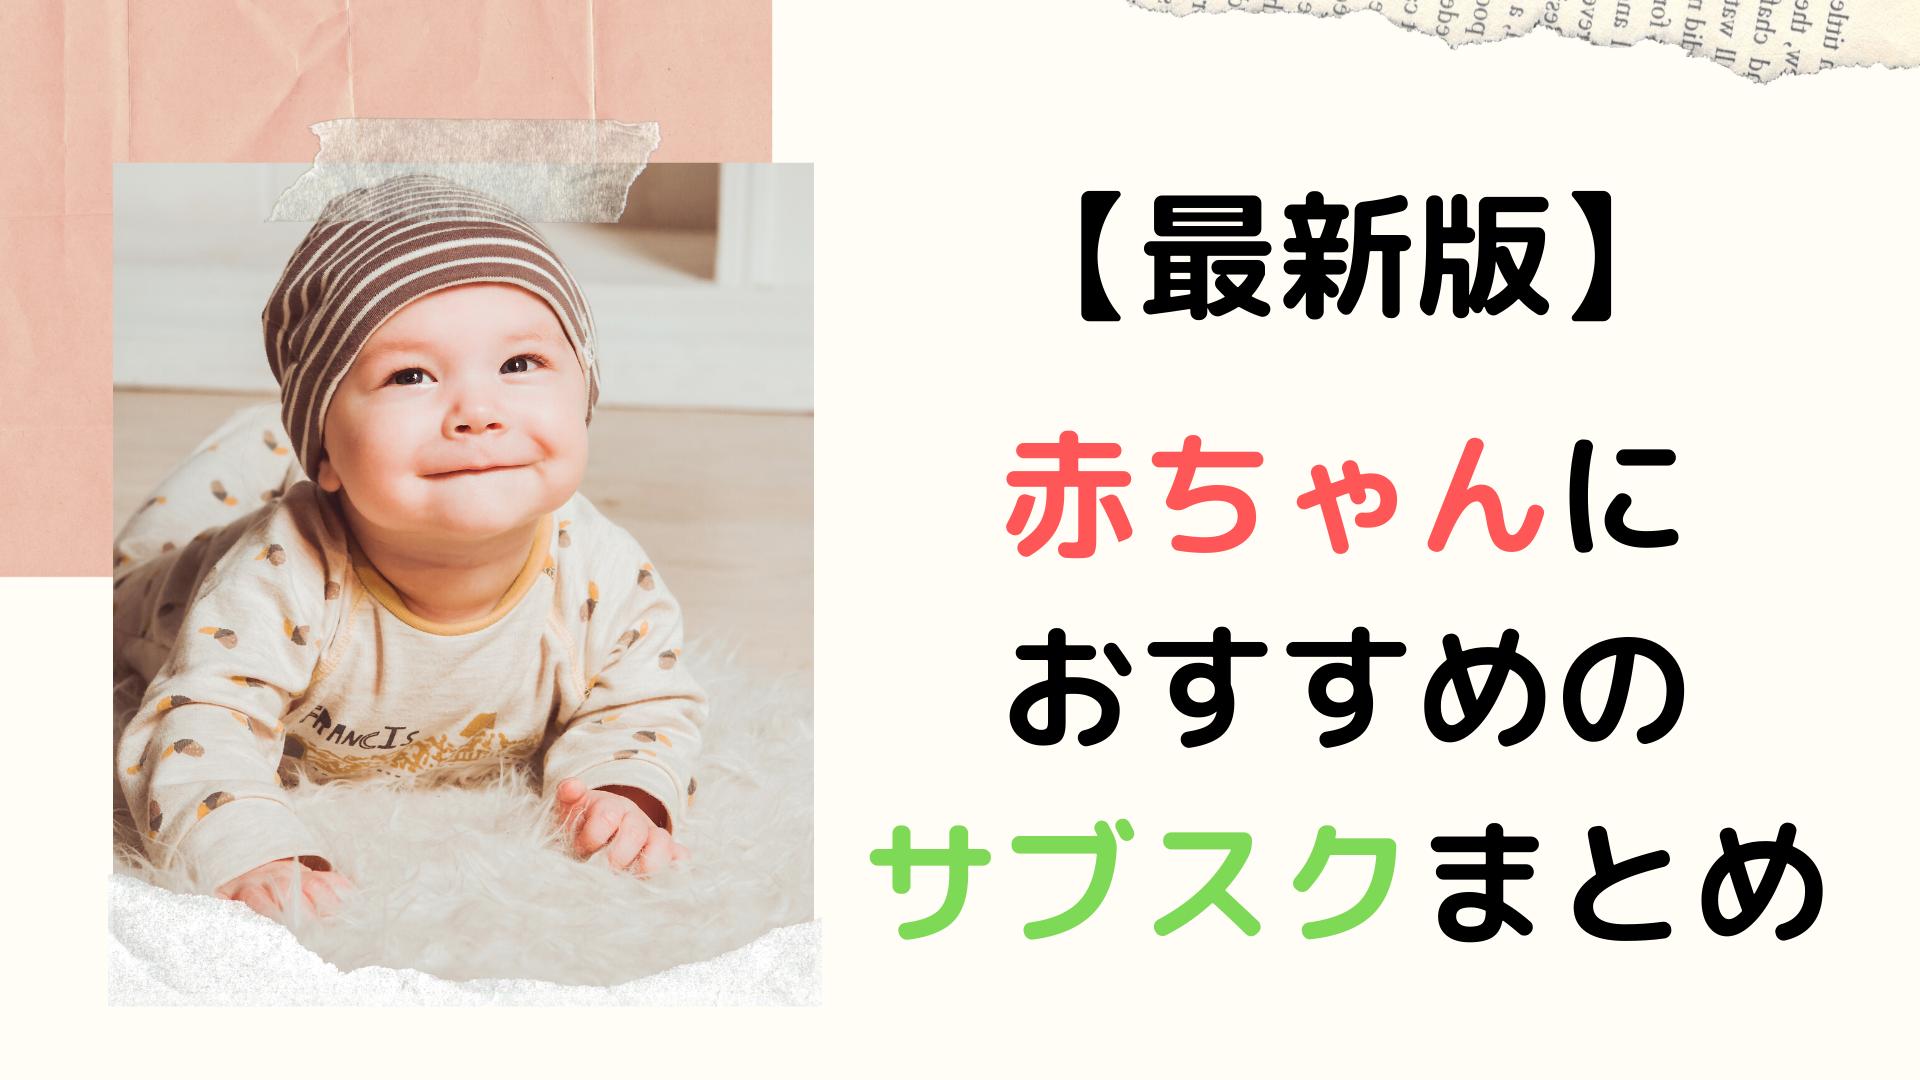 赤ちゃん向けおすすめサブスク